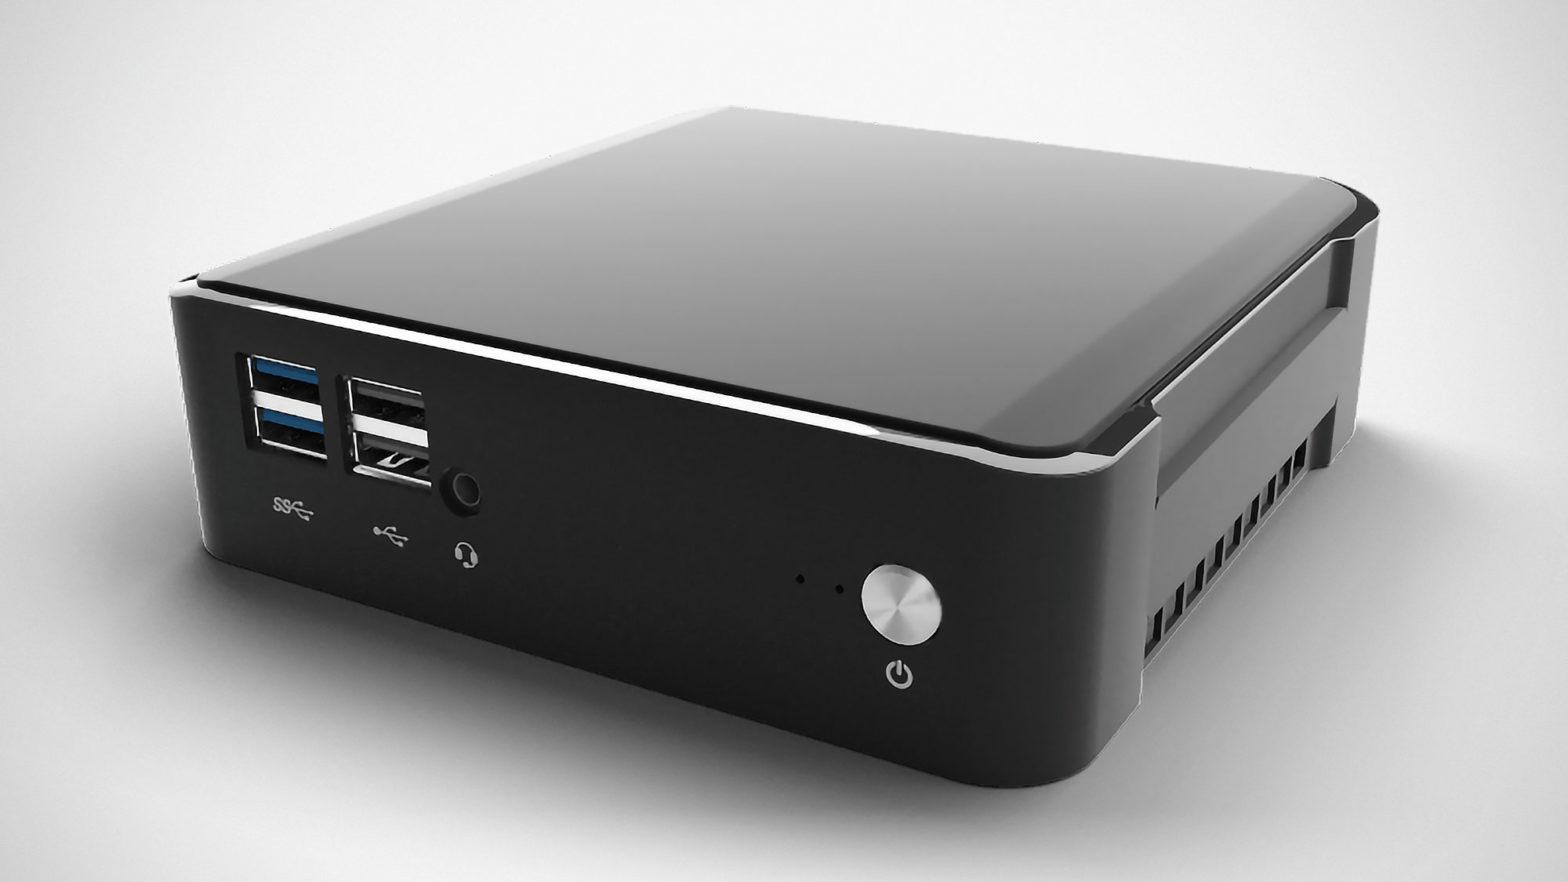 Purism Librem Mini Personal Computer